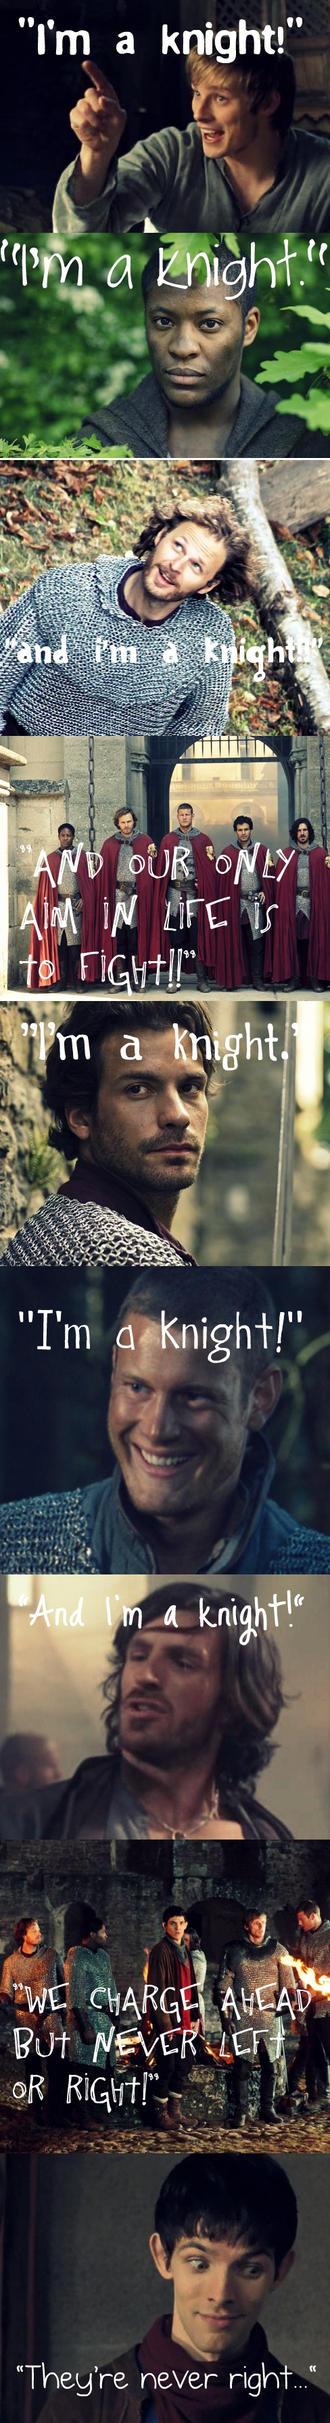 I'm a Knight - Merlin Style Threeeeee by MerlinLemon